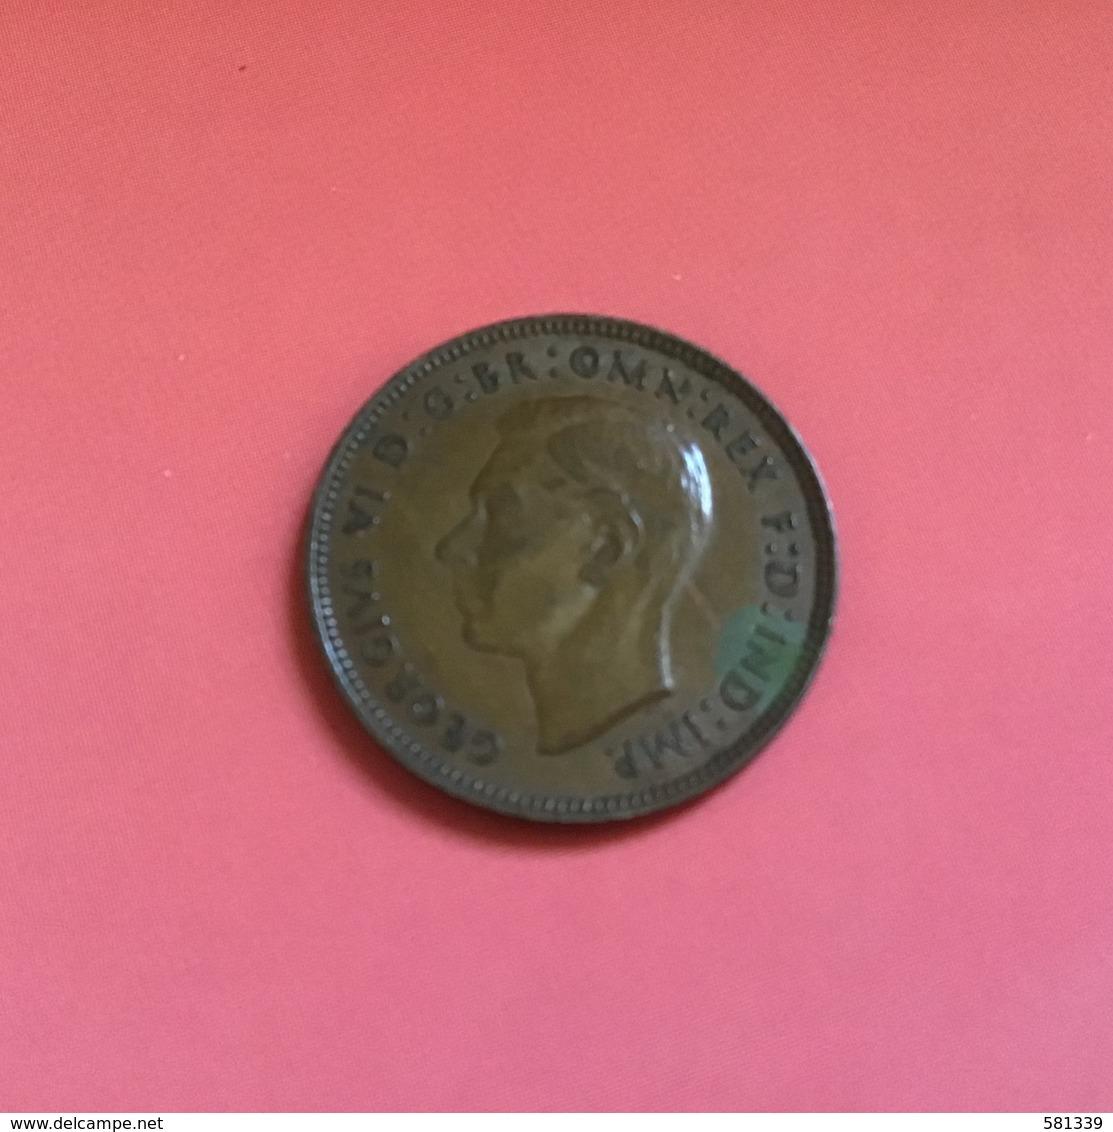 INGHILTERRA - ENGLAND - 1942 - Moneta  FARTHING Giorgio VI - 1902-1971 : Monete Post-Vittoriane